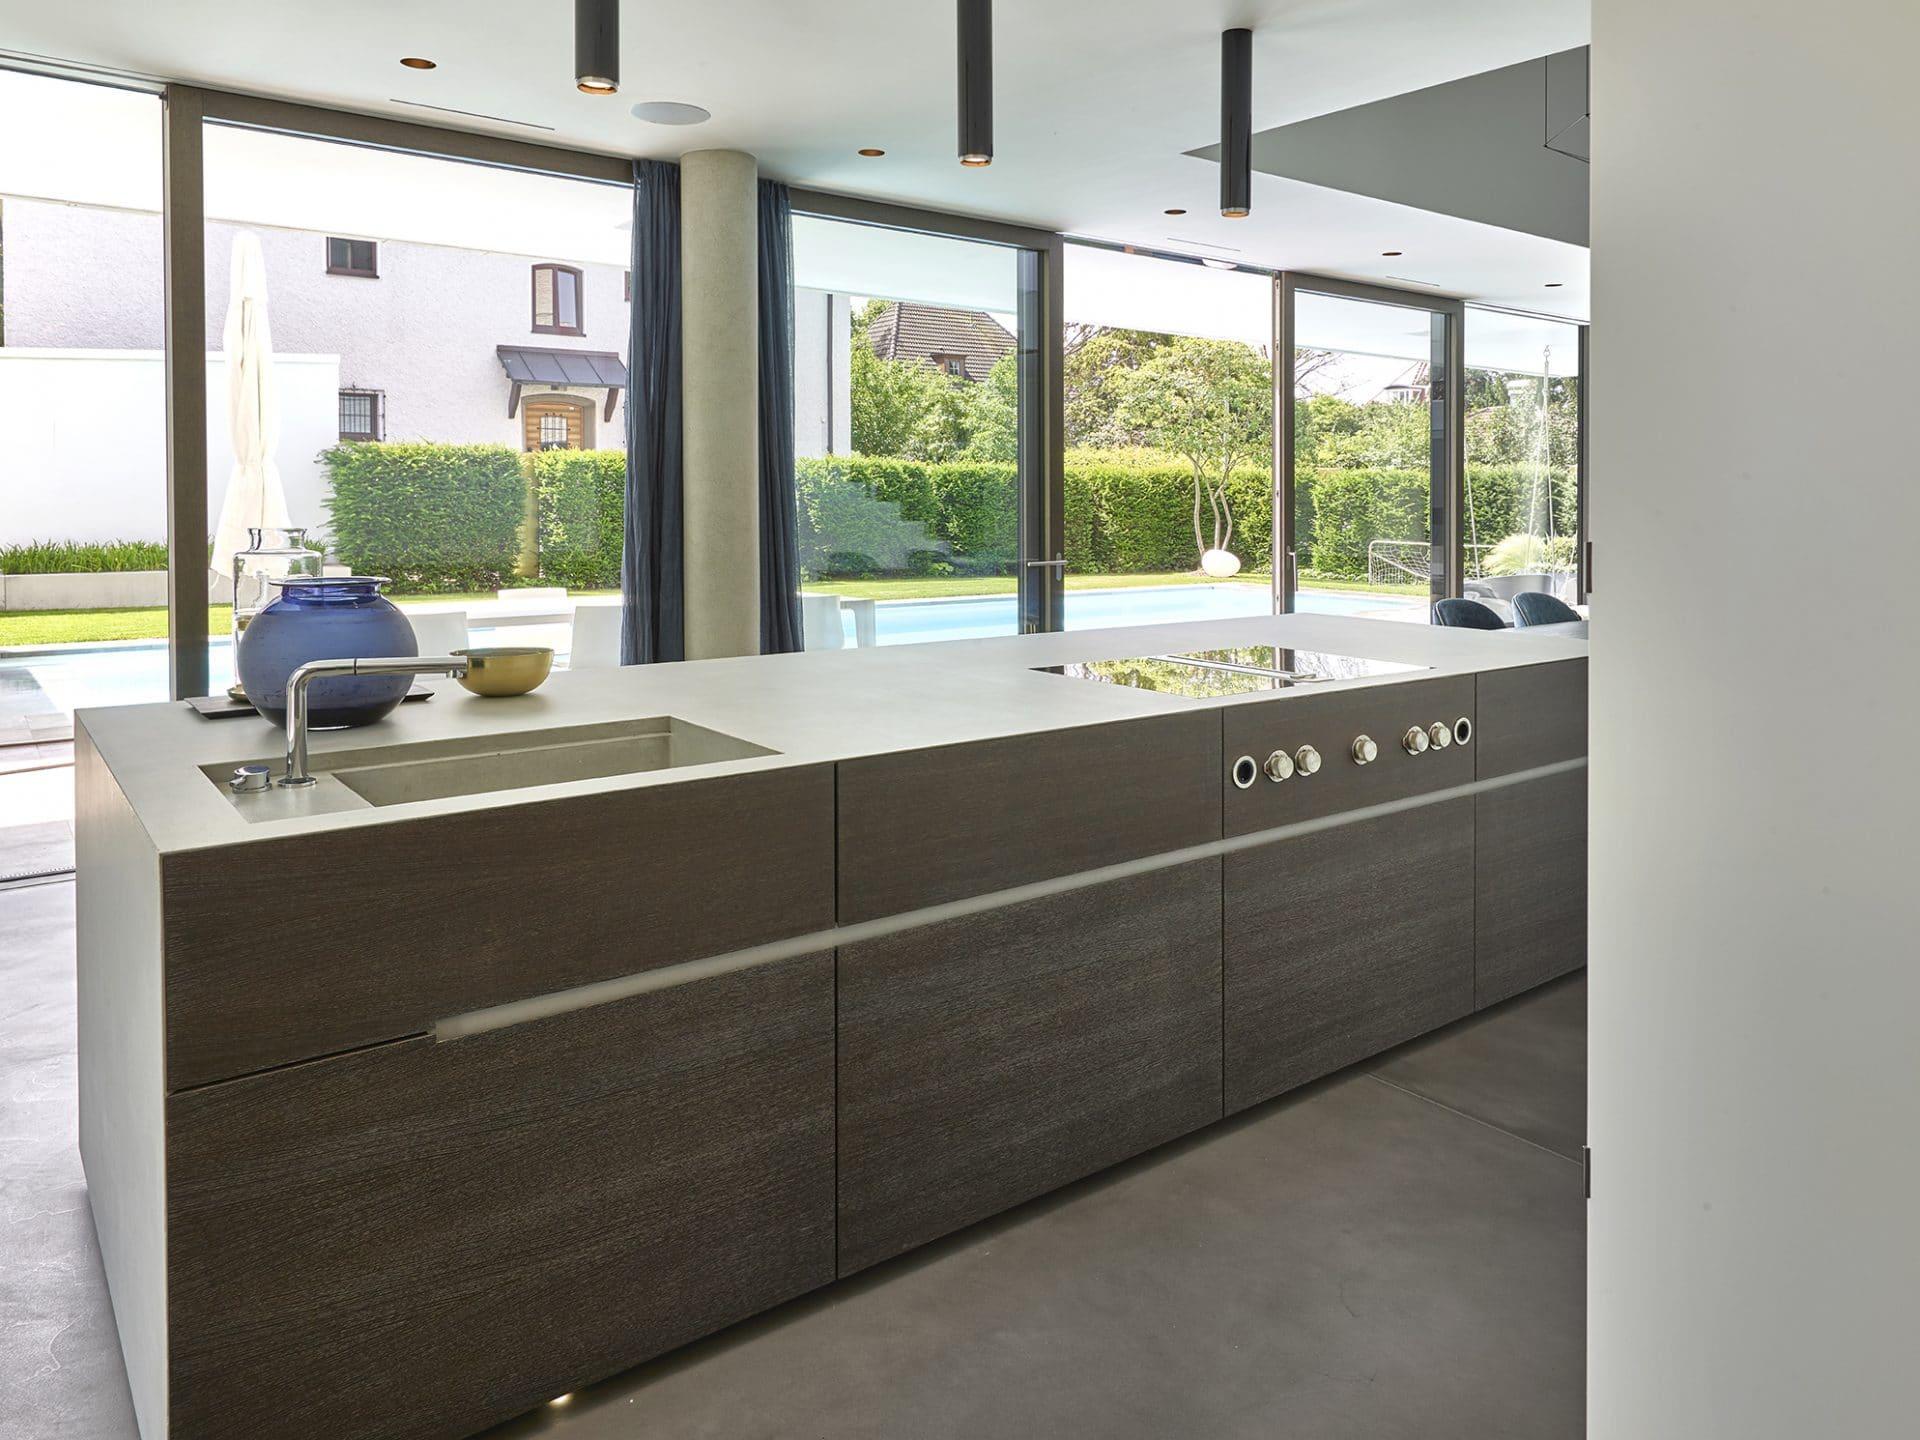 Küchendesign von VOIT aus geräucherter Eiche, Beton und Edelstahl - Blick in die Küche und den Garten mit Pool